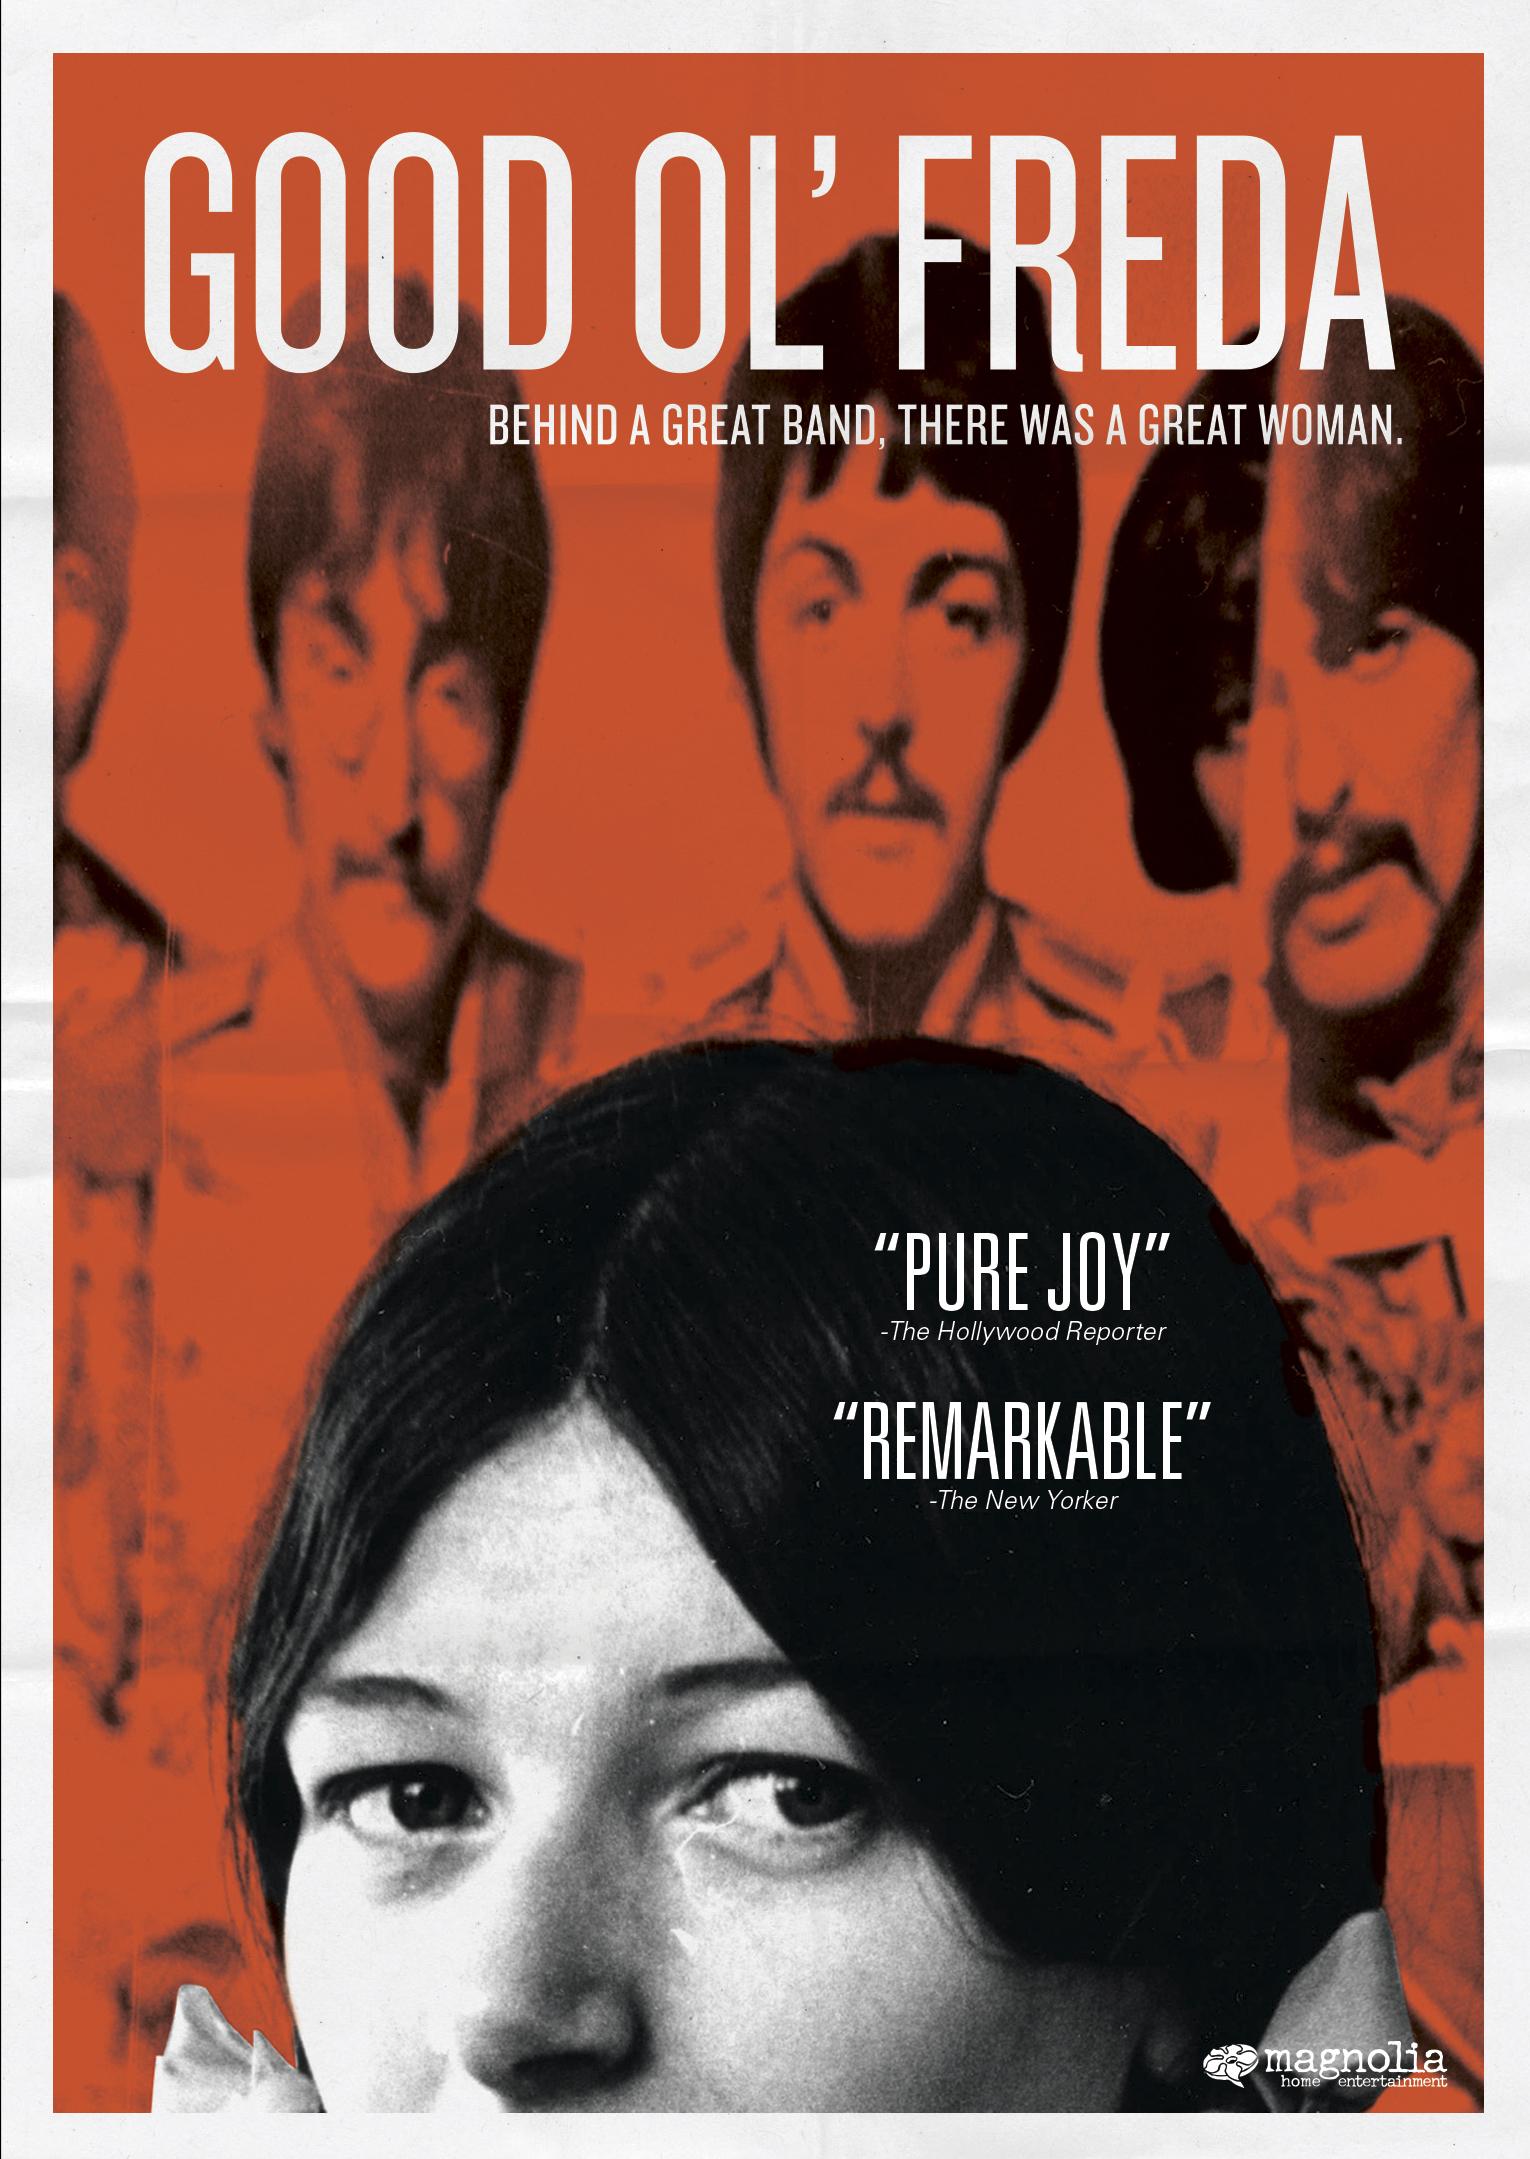 Good Ol' Freda